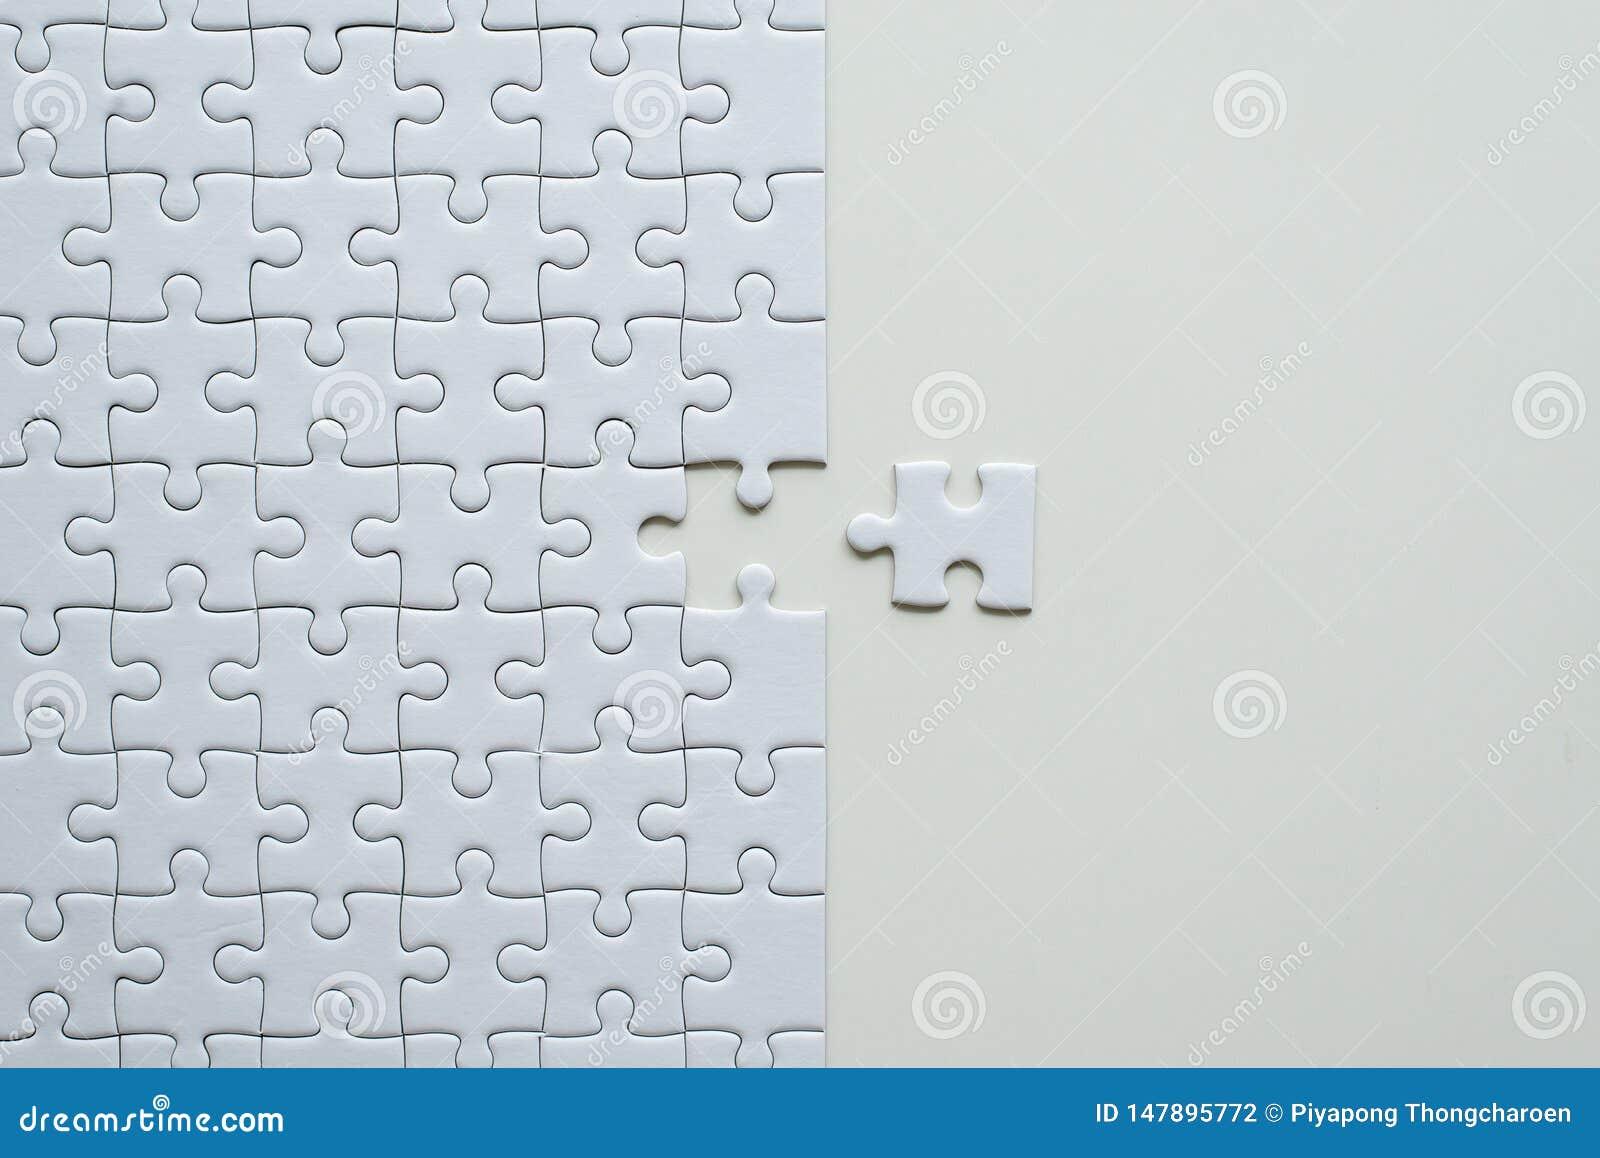 拼图白色,难题片断栅格,马赛克解答模板,顶视图的图片,复制文本的空间